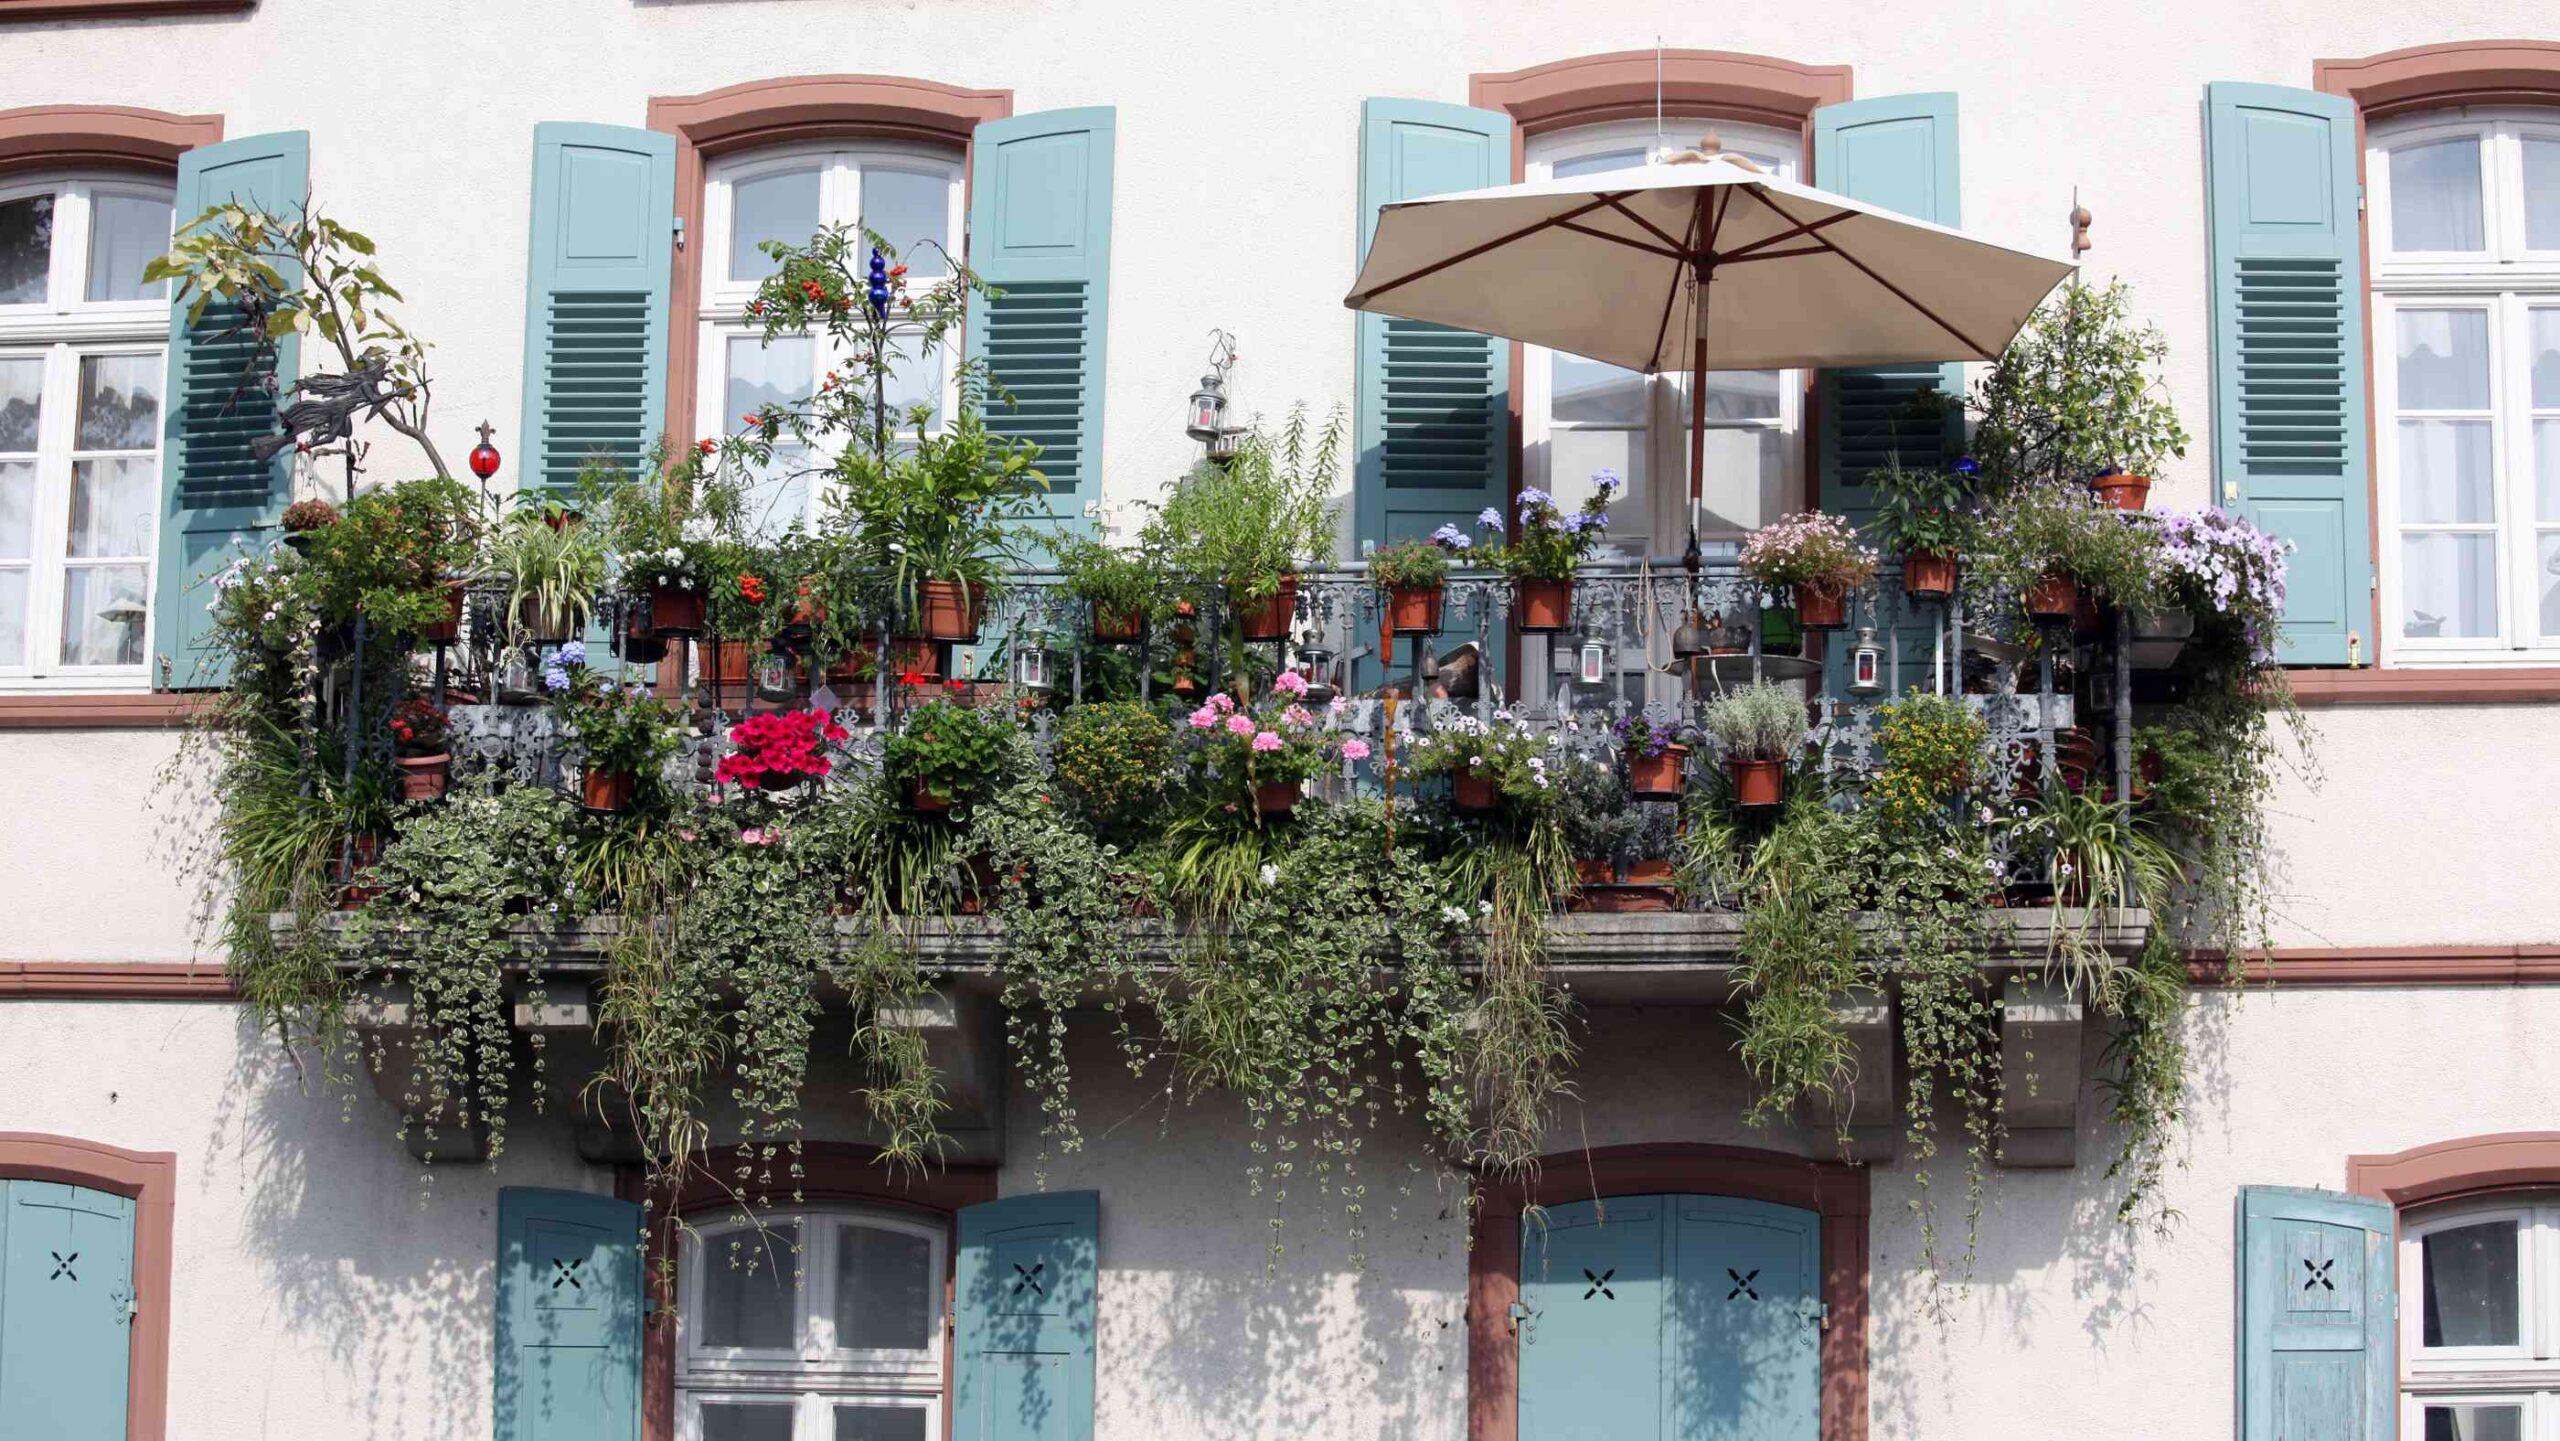 Full Size of Paravent Bambus Balkon Sichtschutz Fr Den 10 Ideen Plus Tipps Zur Montage Bett Garten Wohnzimmer Paravent Bambus Balkon